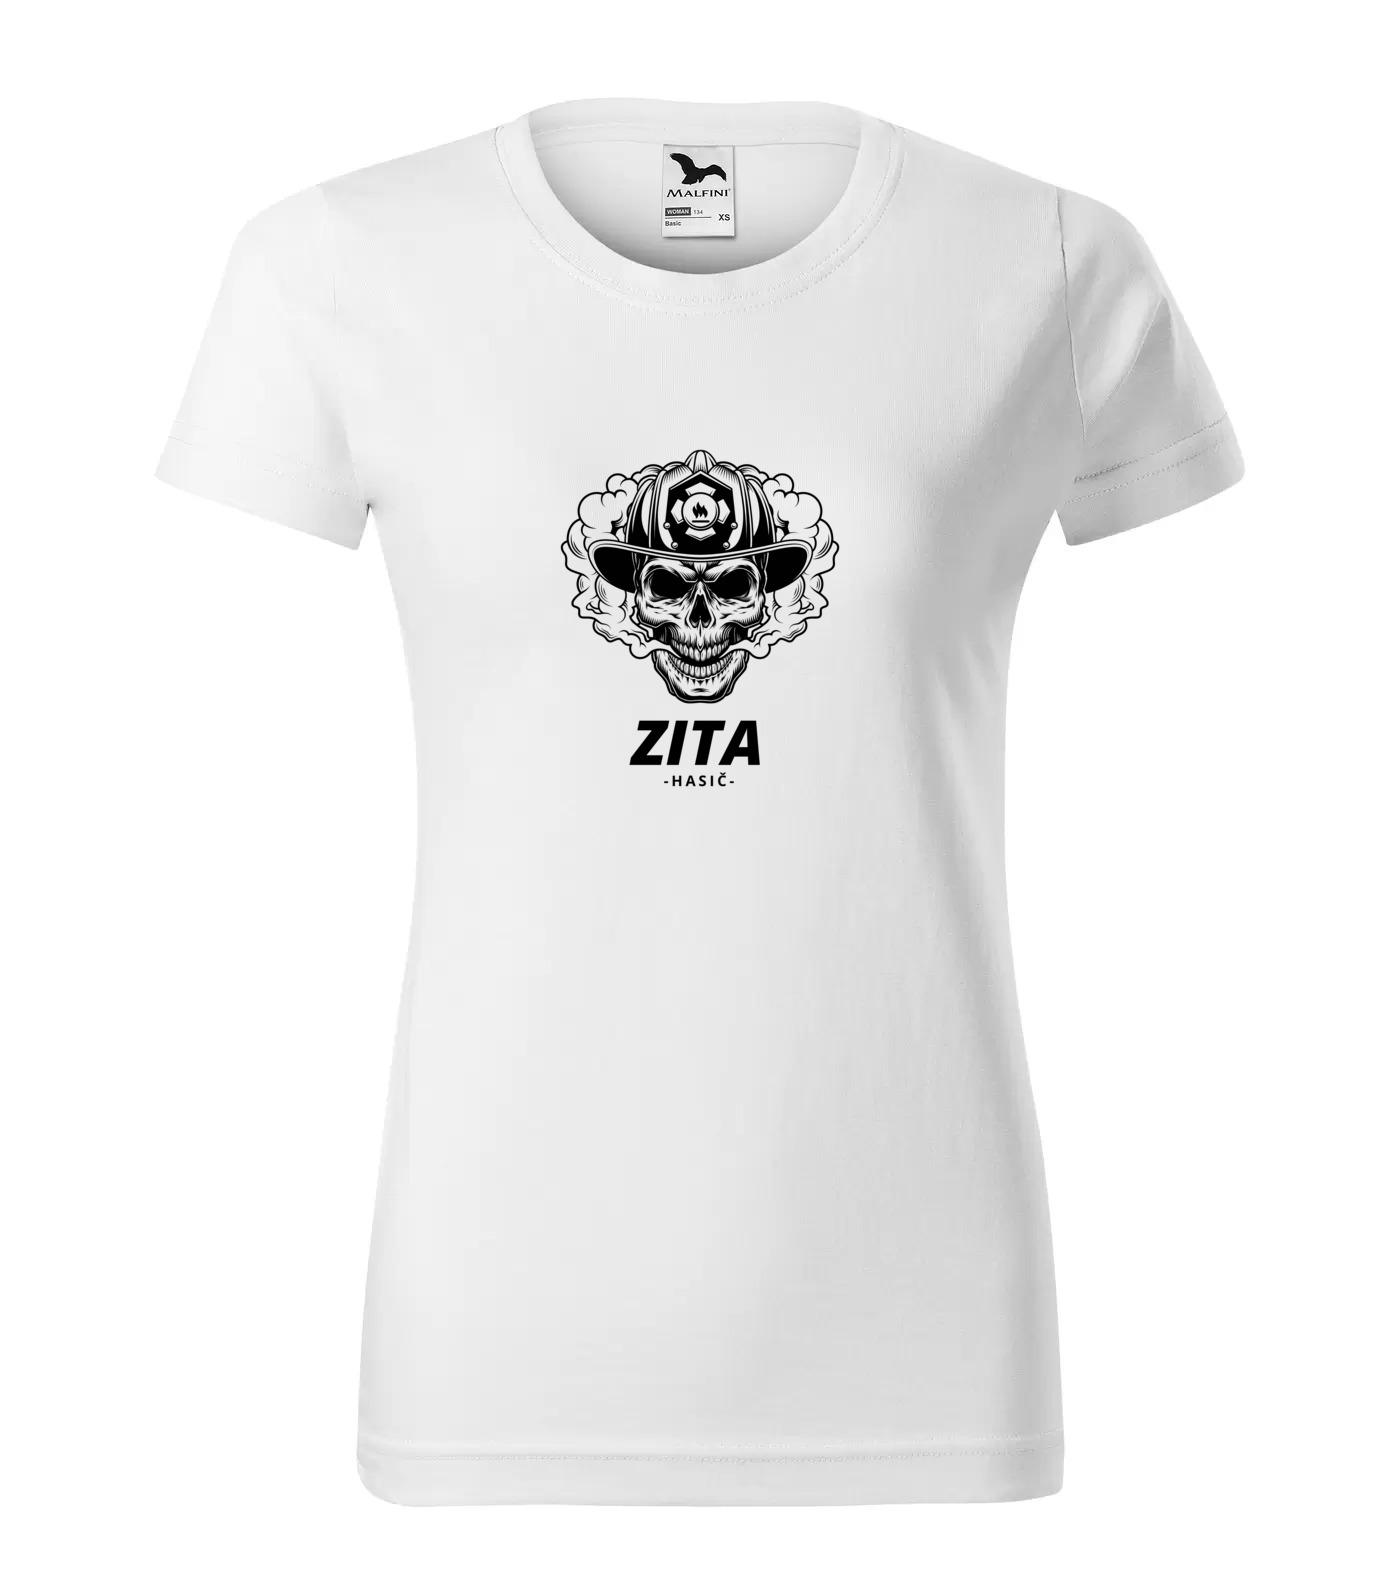 Tričko Hasič Zita